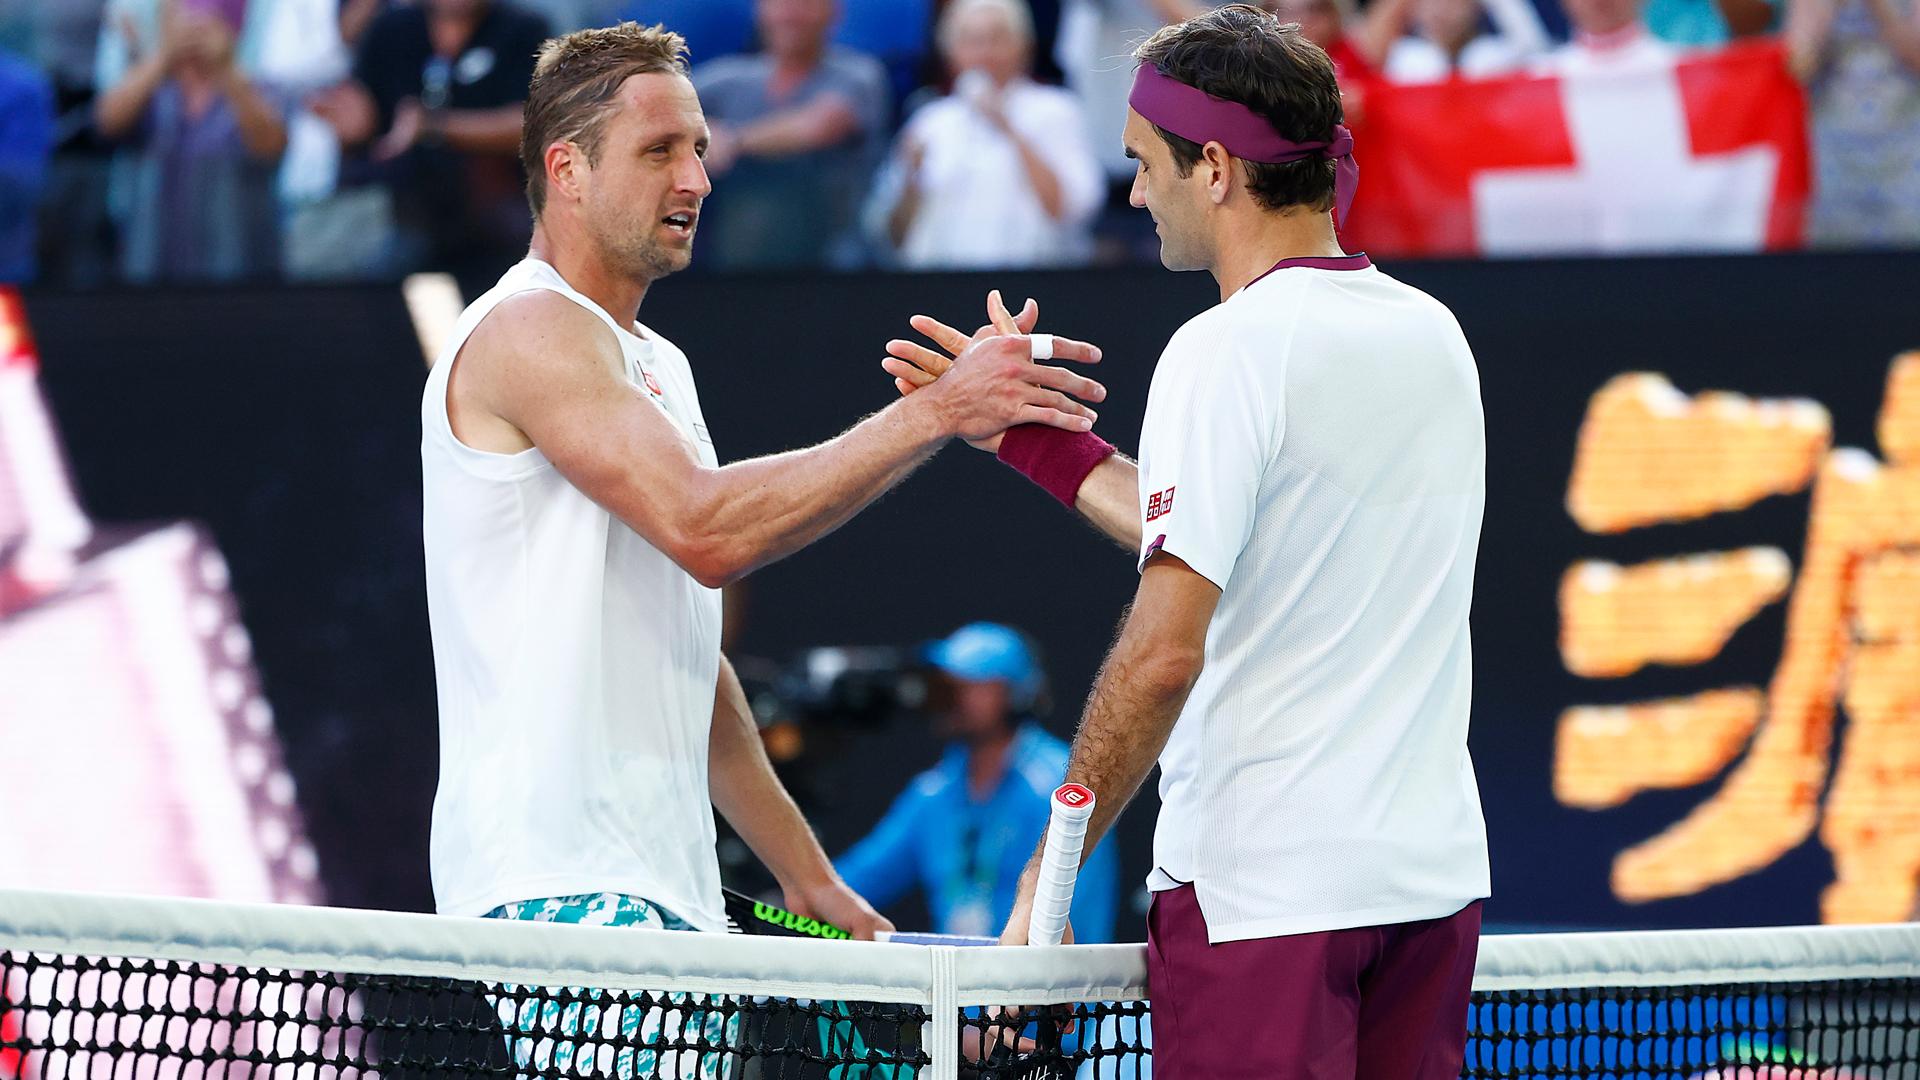 Australian Open 2020: The seven match points Federer saved against Sandgren